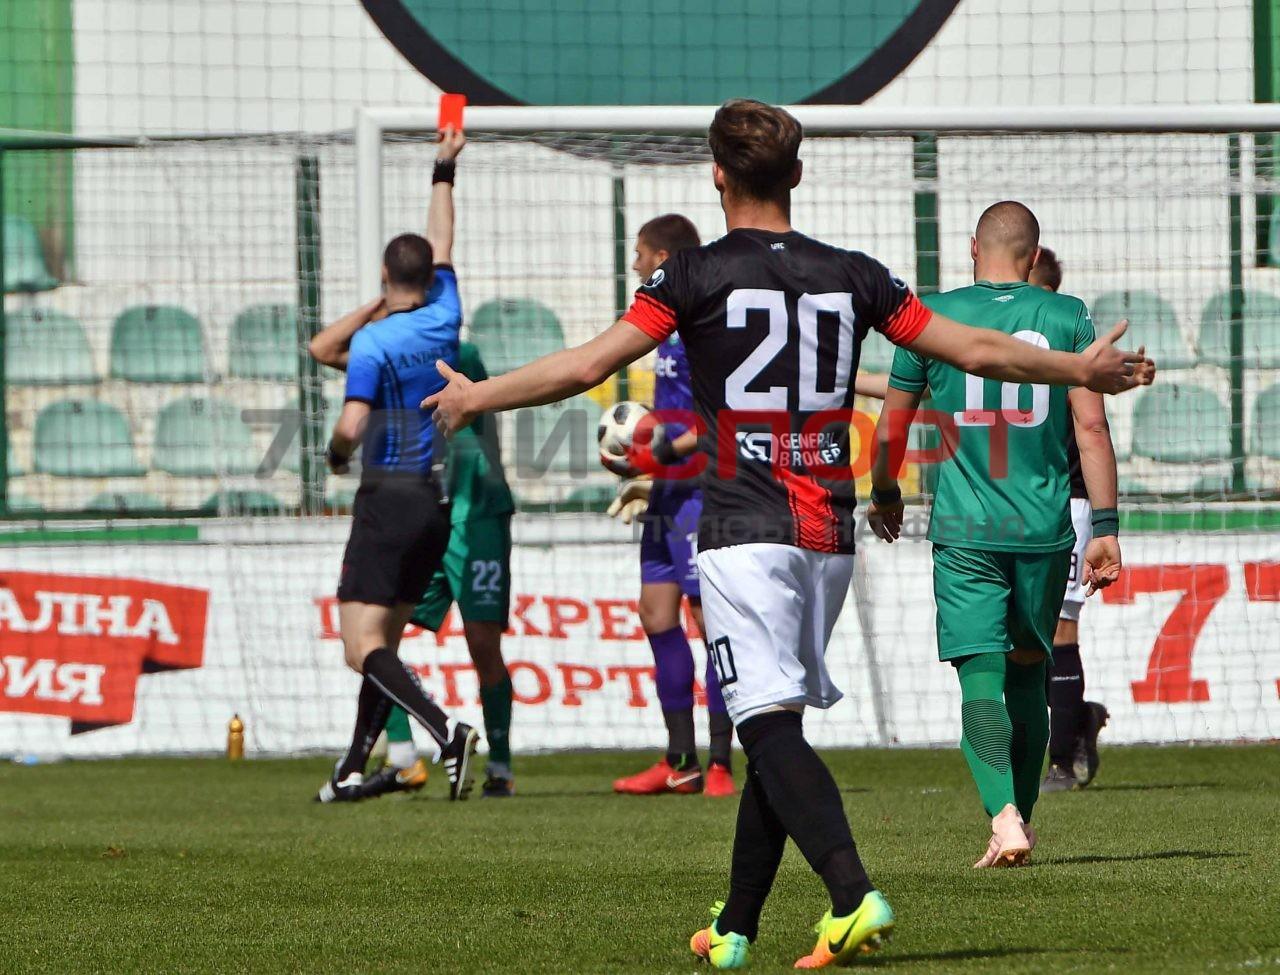 Витоша Бистрица Локомотив Пловдив 25